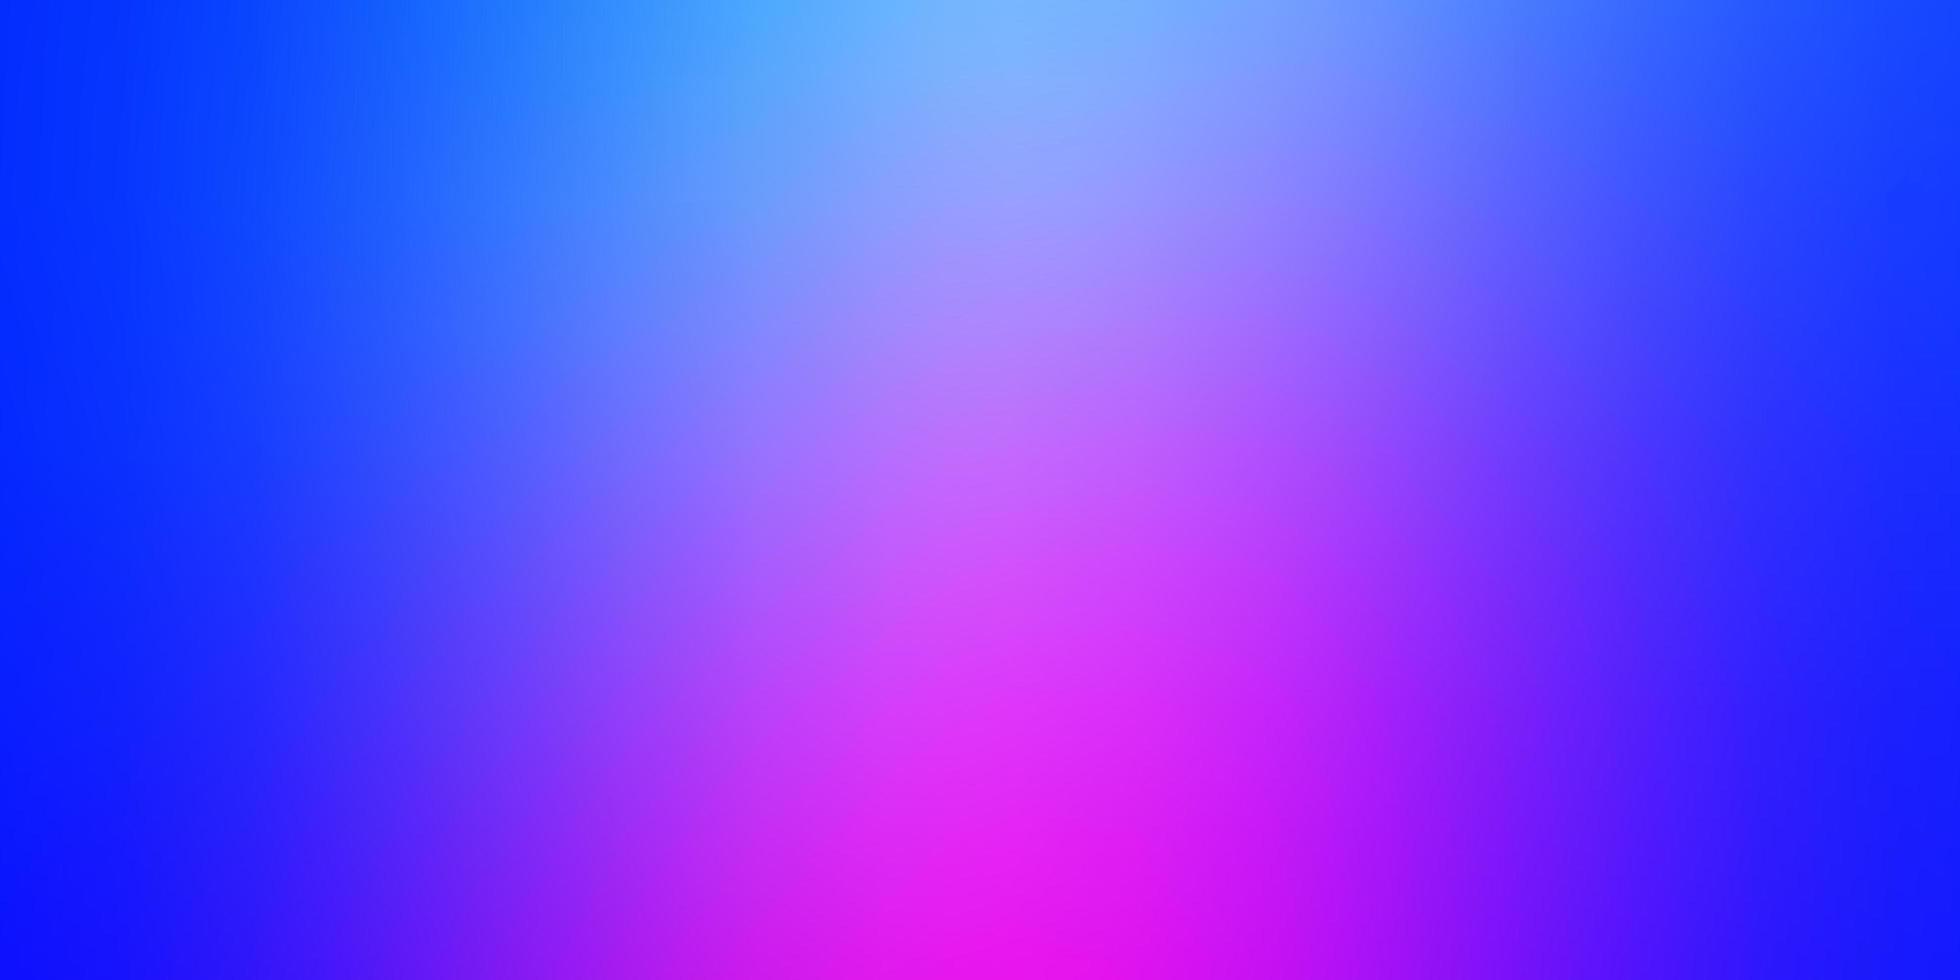 plantilla borrosa vector rosa claro, azul.